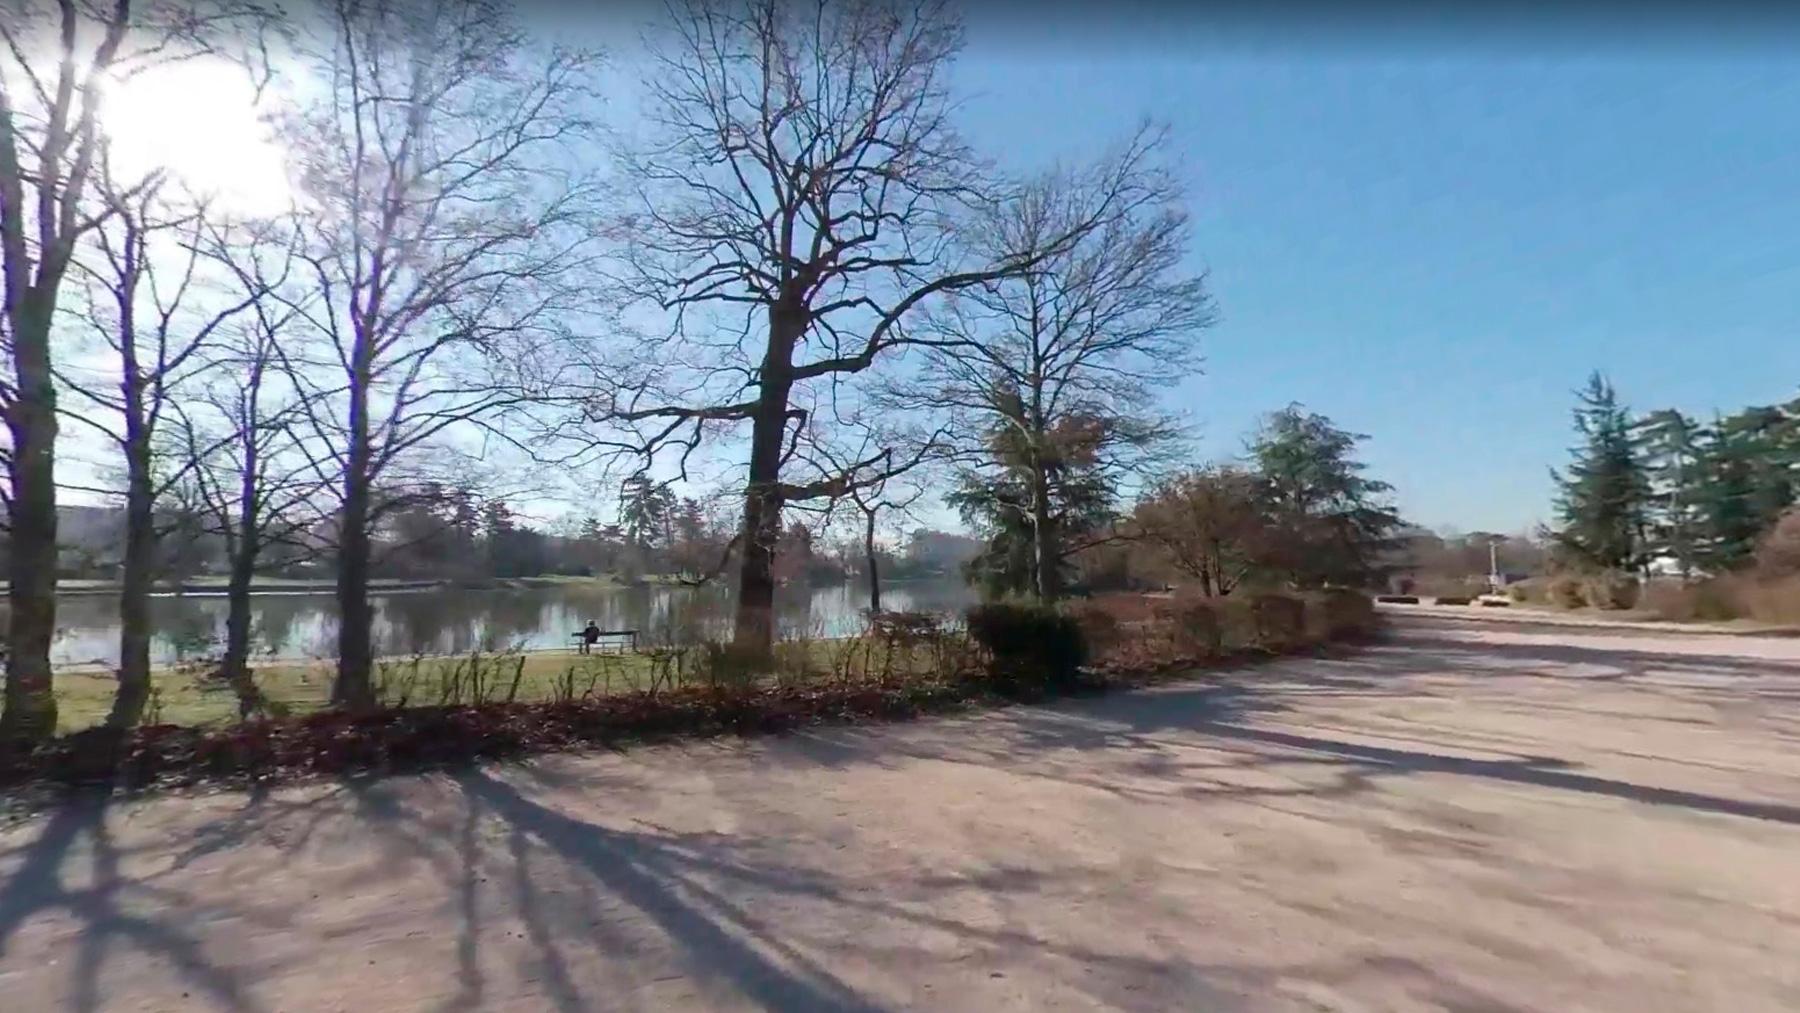 El parque parisino de Bois de Boulogne, donde ha sido encontrado el cadáver de un español degollado.